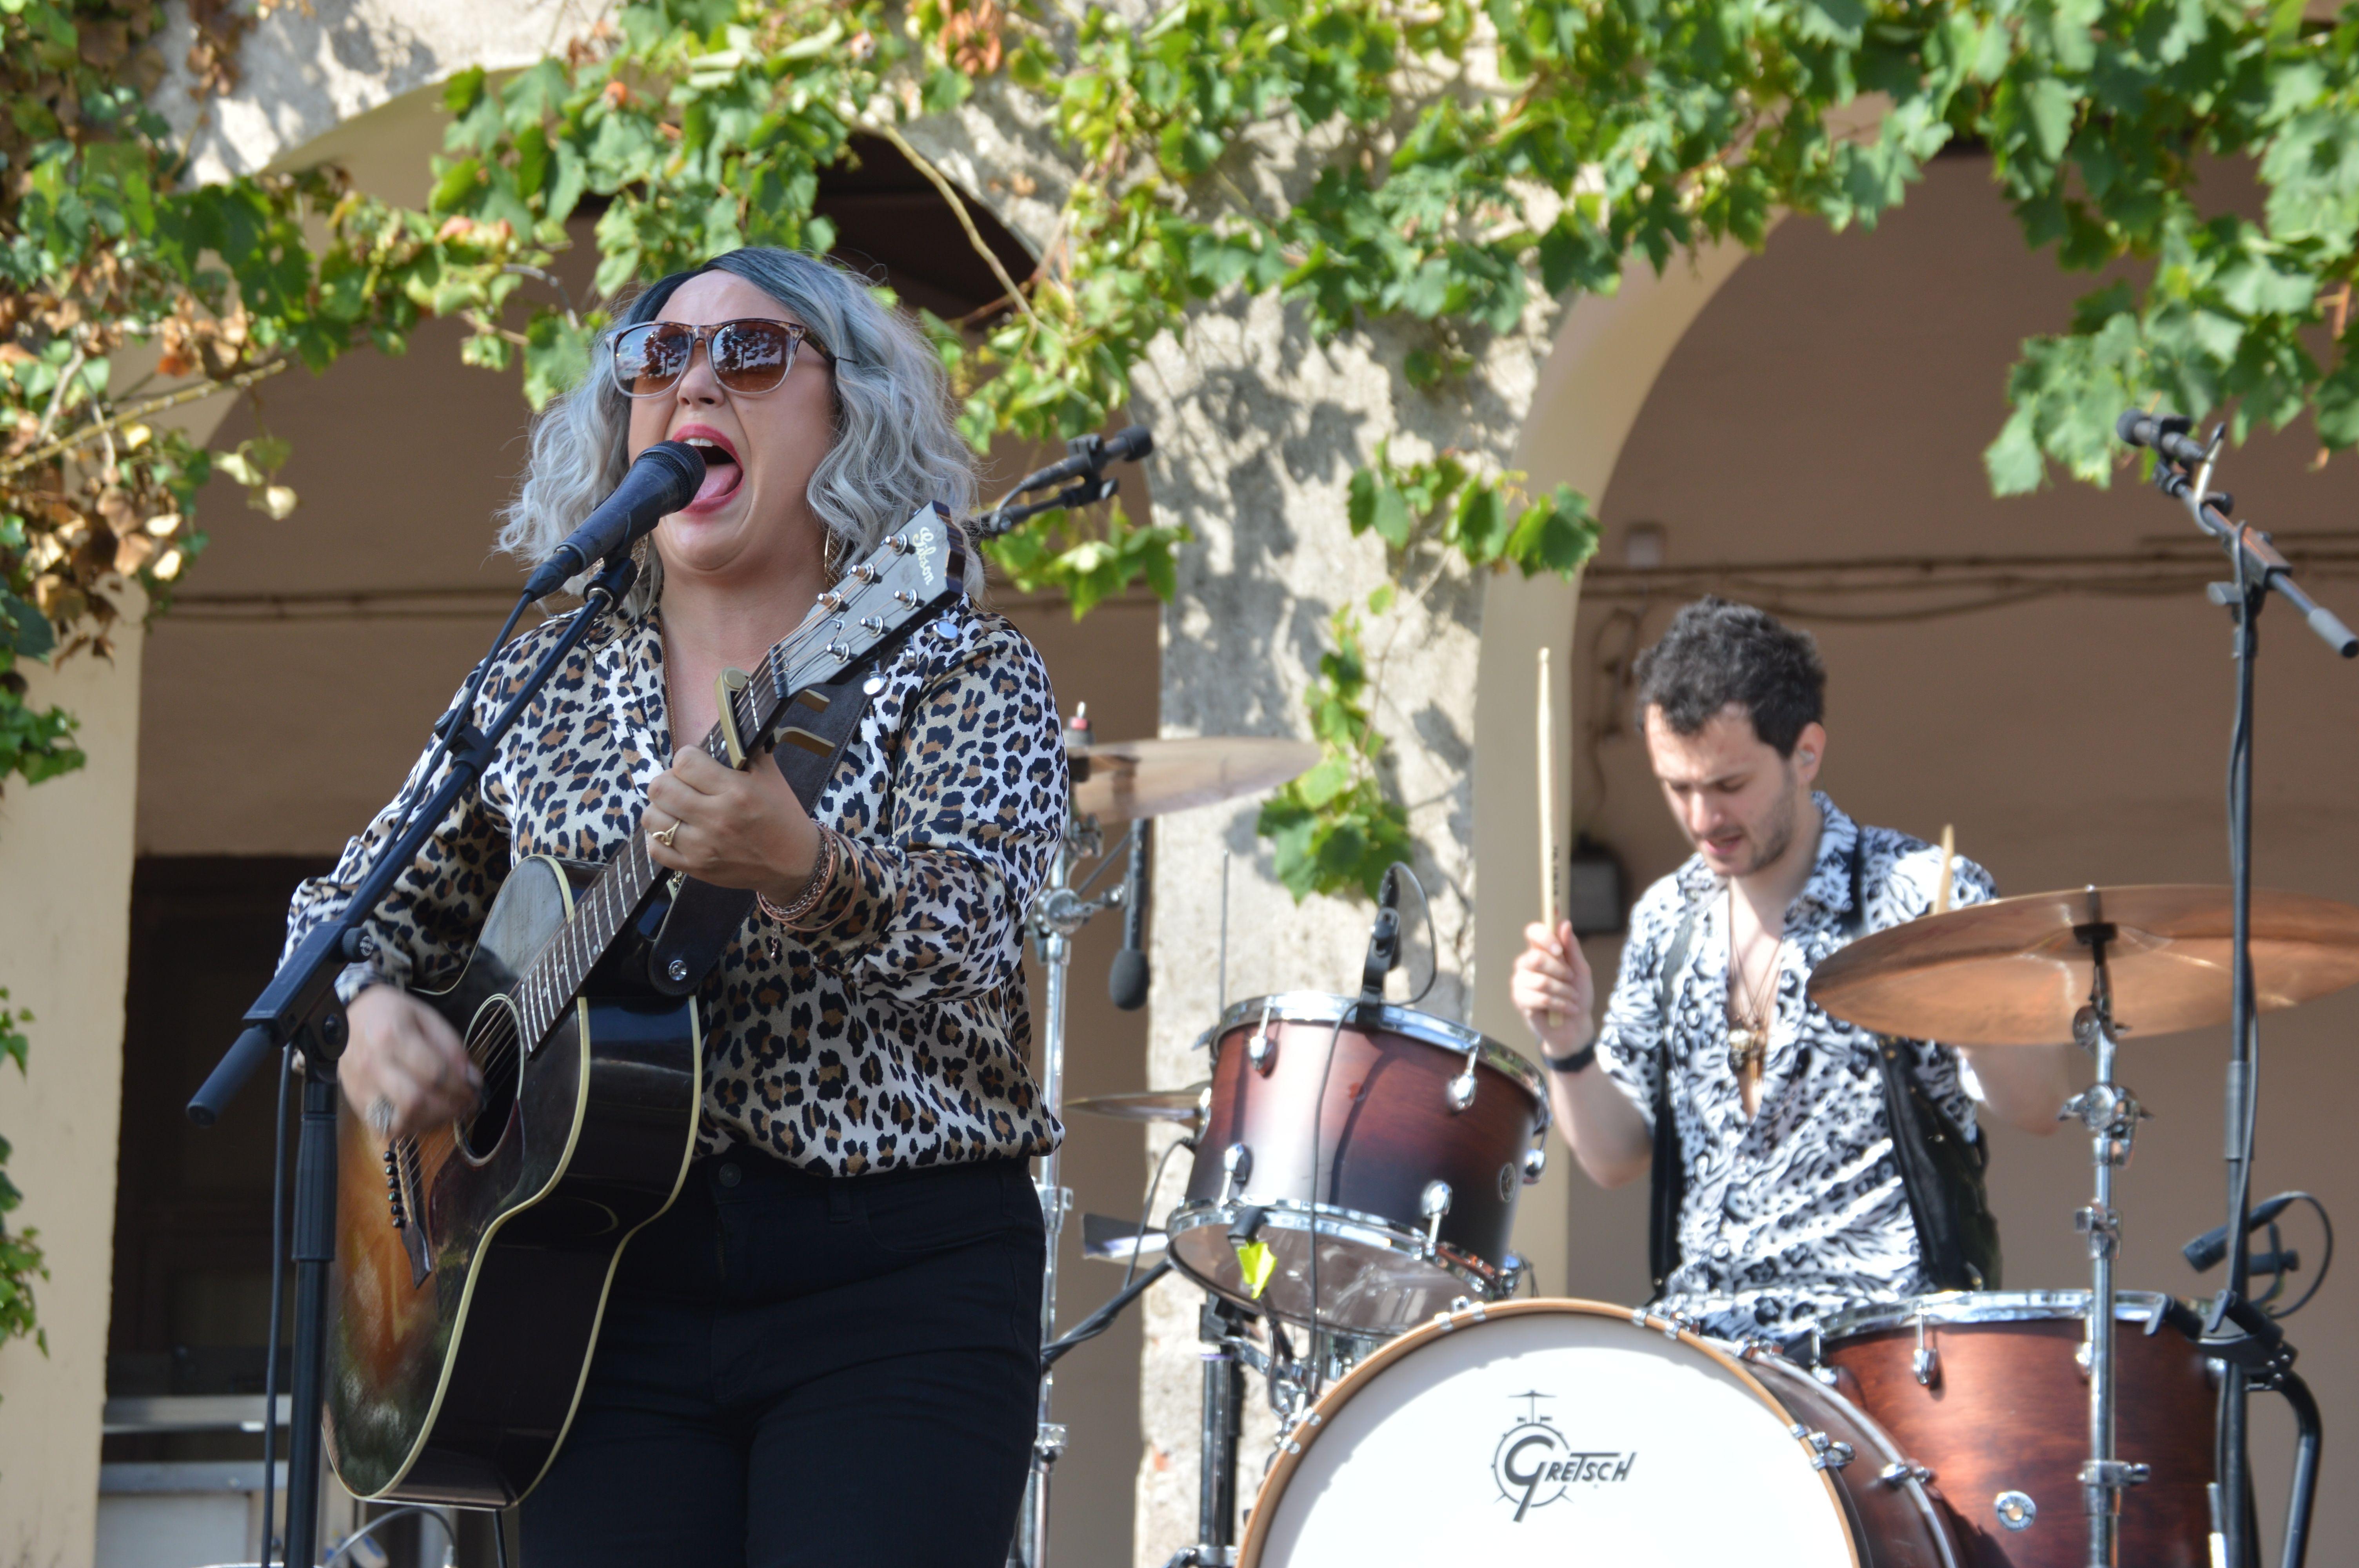 Concert de Samantha Martin & Delta Sugar dissabte a Can Cordelles. FOTO, Nora Muñoz